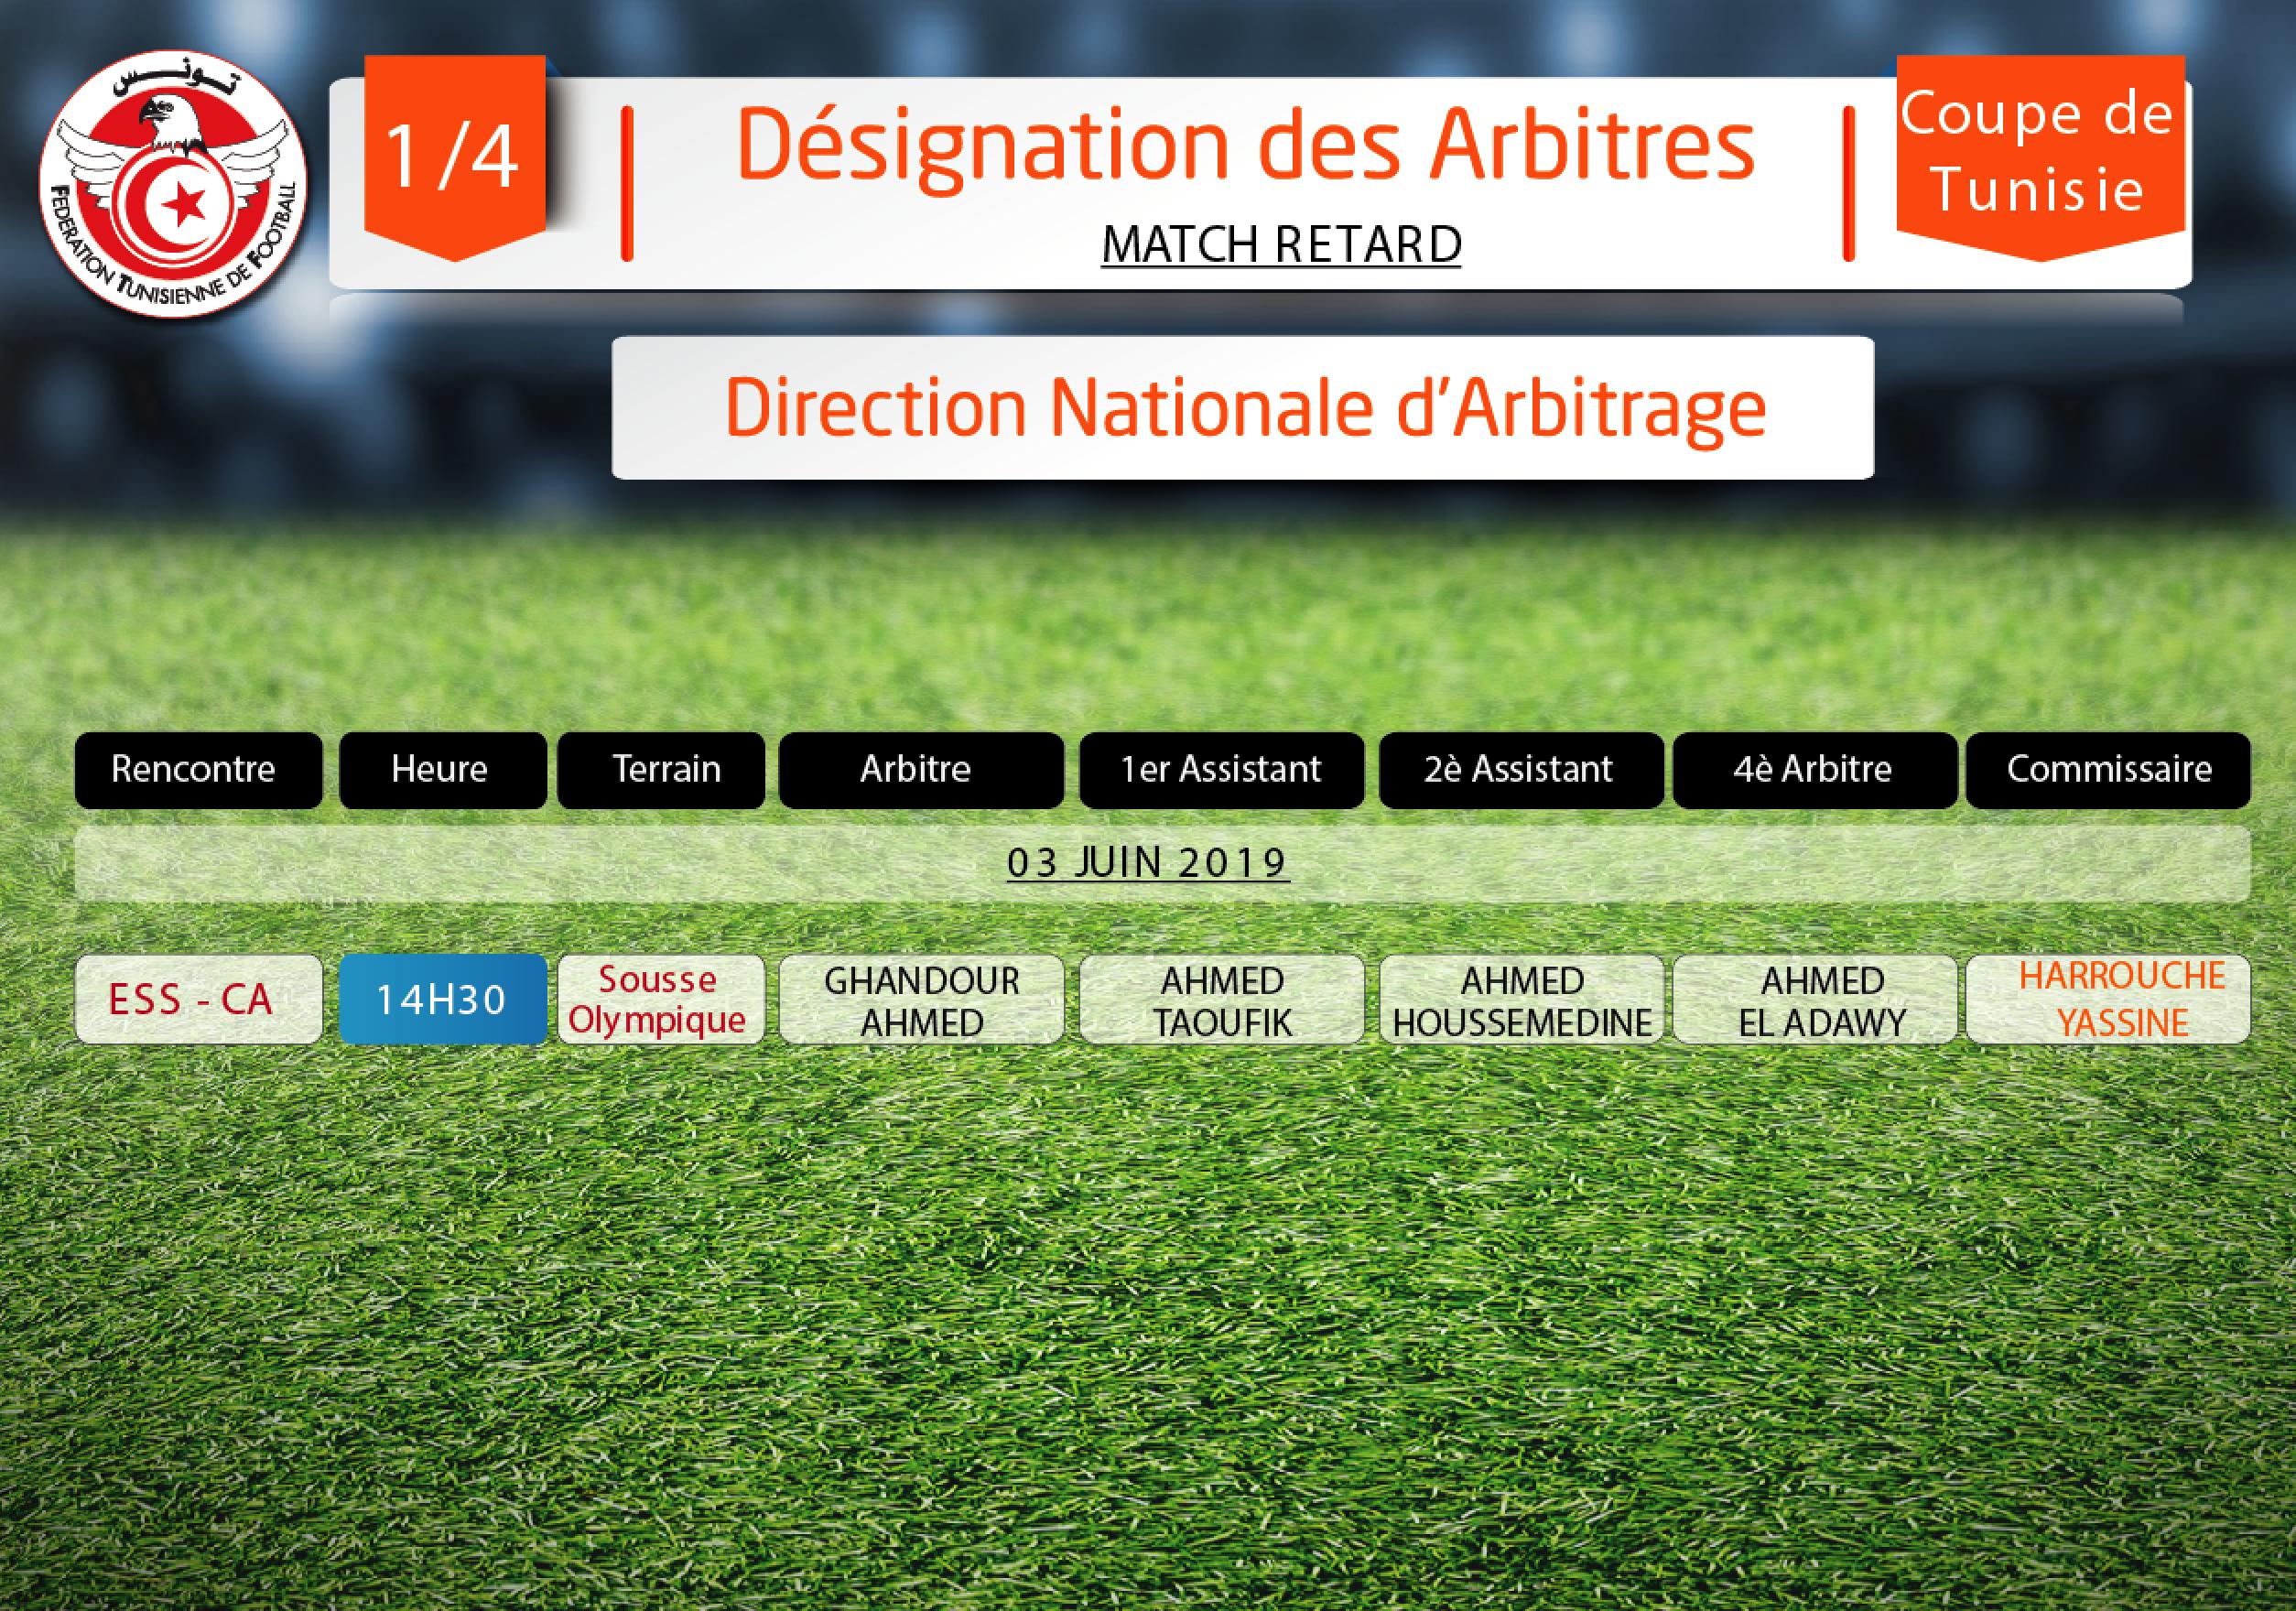 Designation Des Arbitres 1 4 Coupe De Tunisie Match Retard